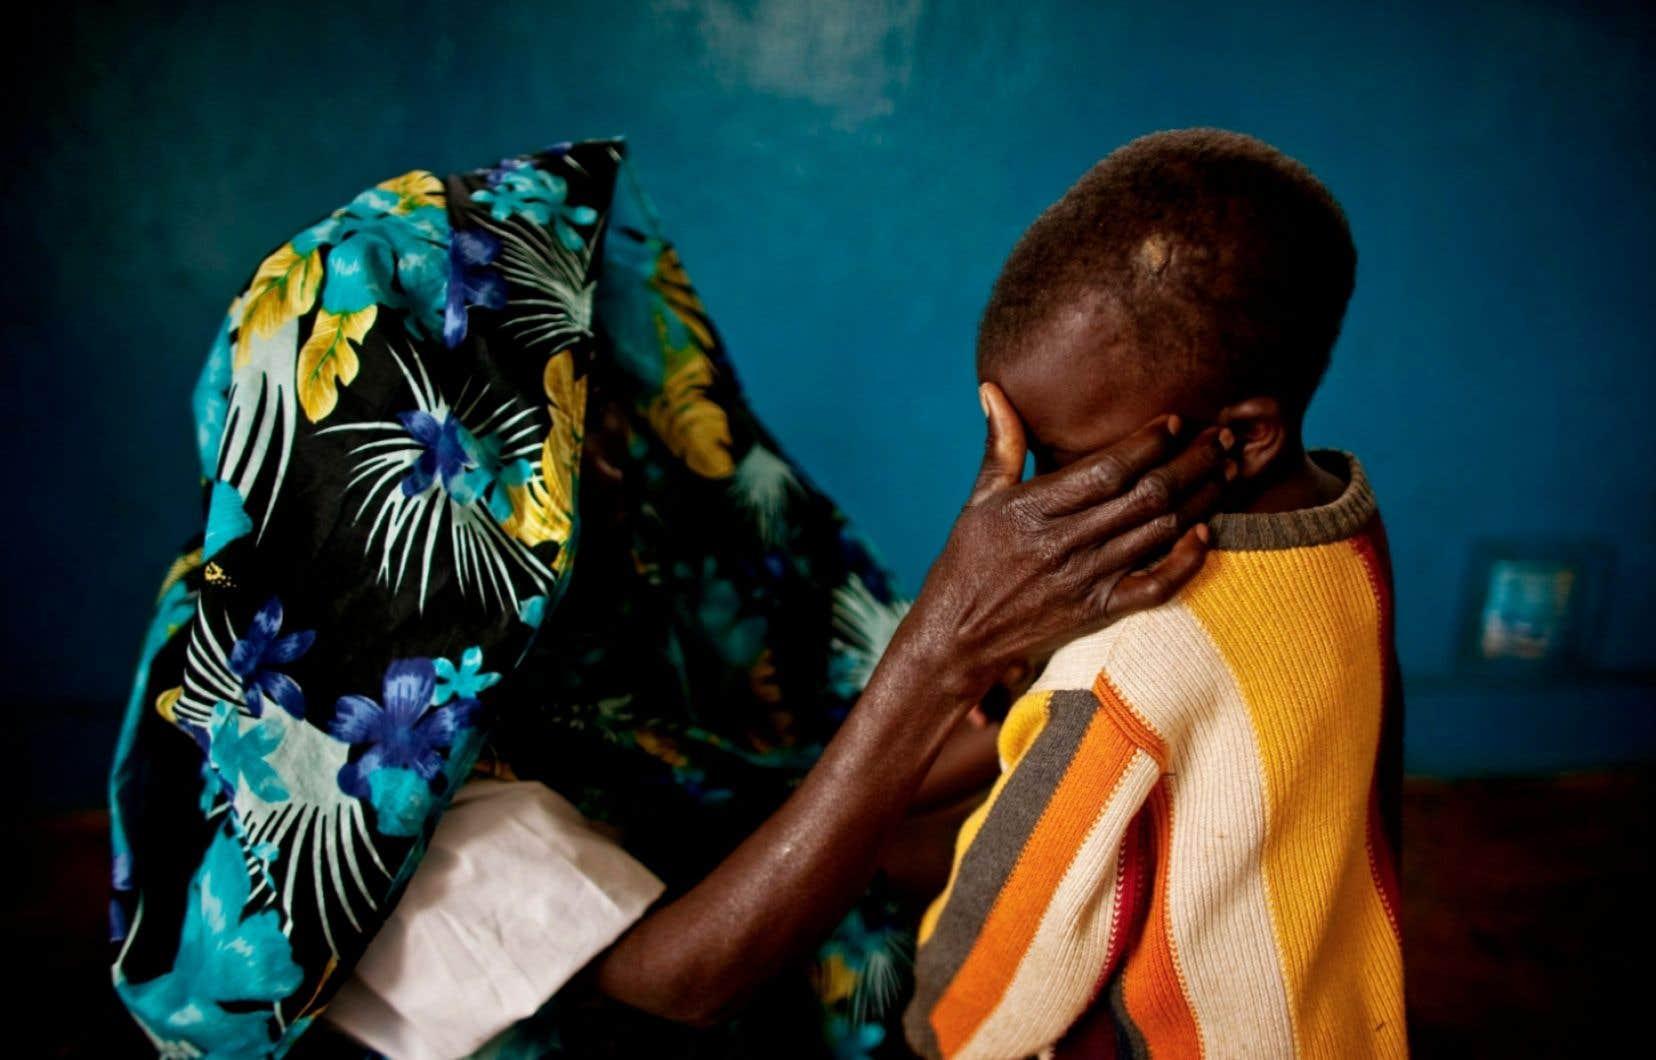 Une femme congolaise victime de viol, en compagnie de son garçon. D'abord utilisé comme arme de guerre par des soldats ou des miliciens, le viol s'est banalisé. Il est de plus en plus souvent commis par des « gens ordinaires ».